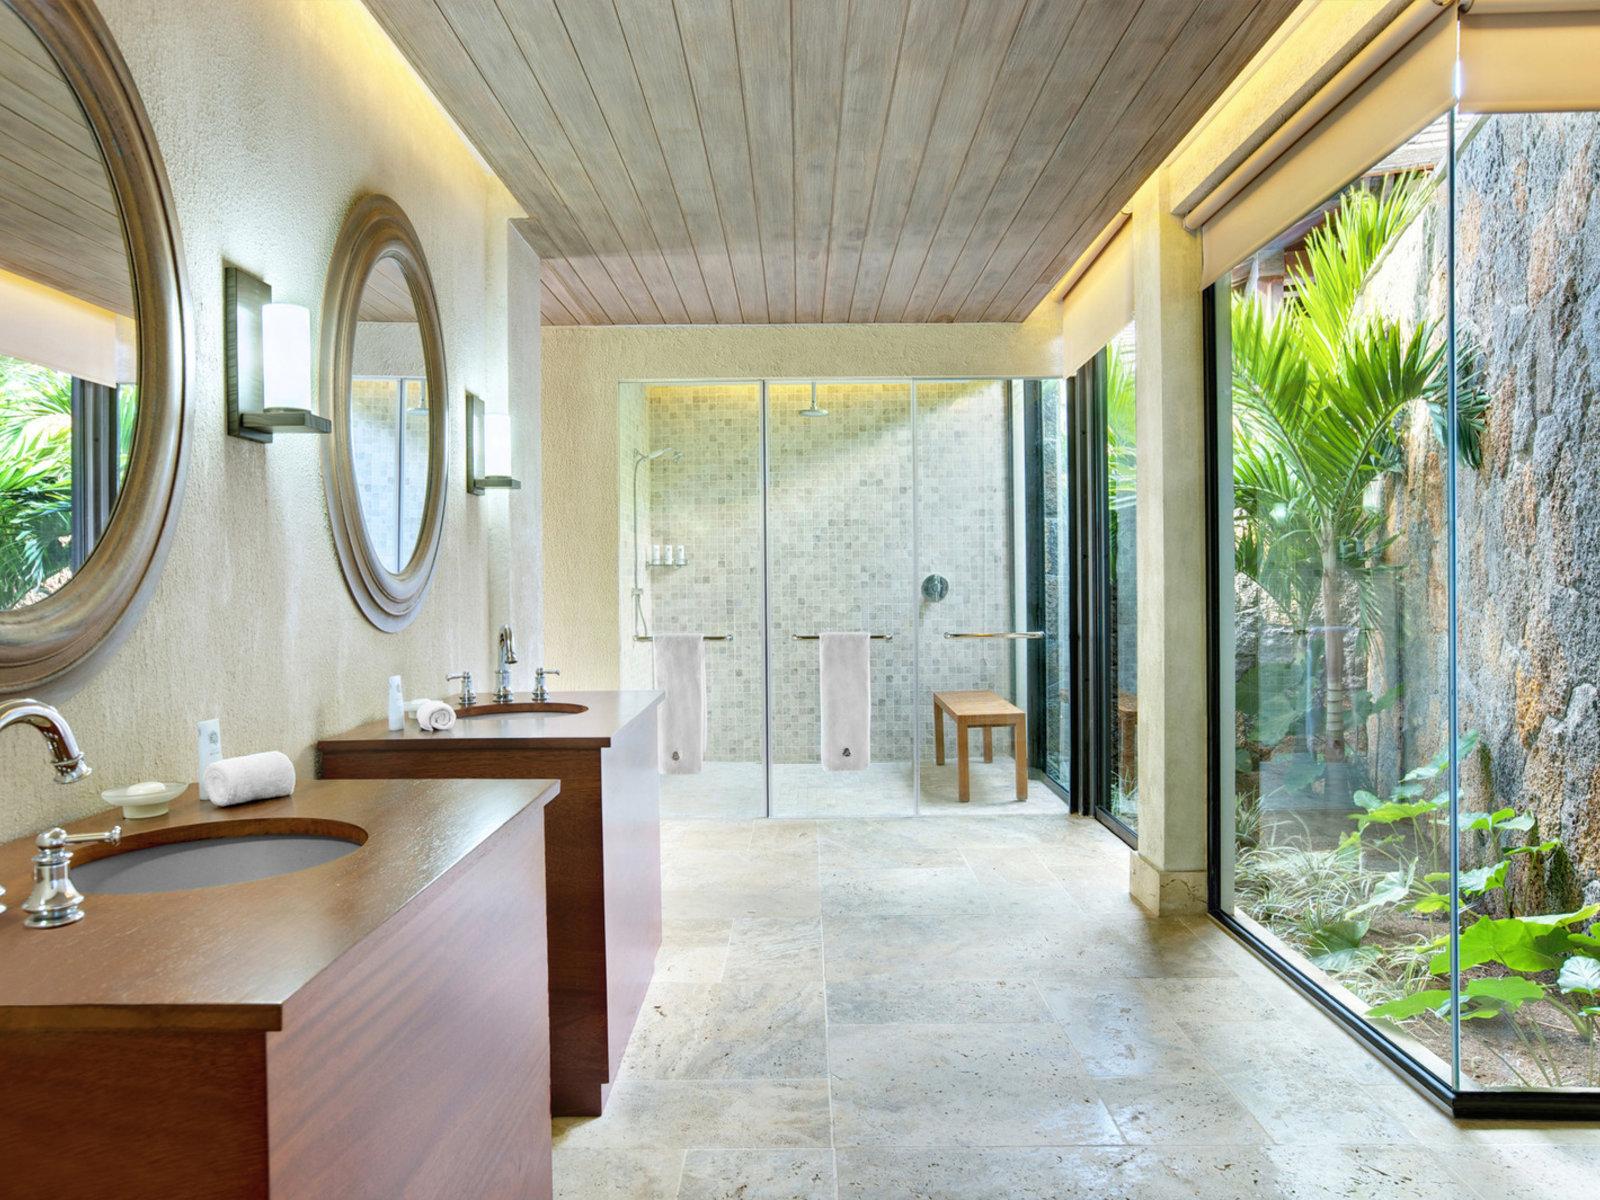 Wohnbeispiel One Bedroom St. Regis Villa